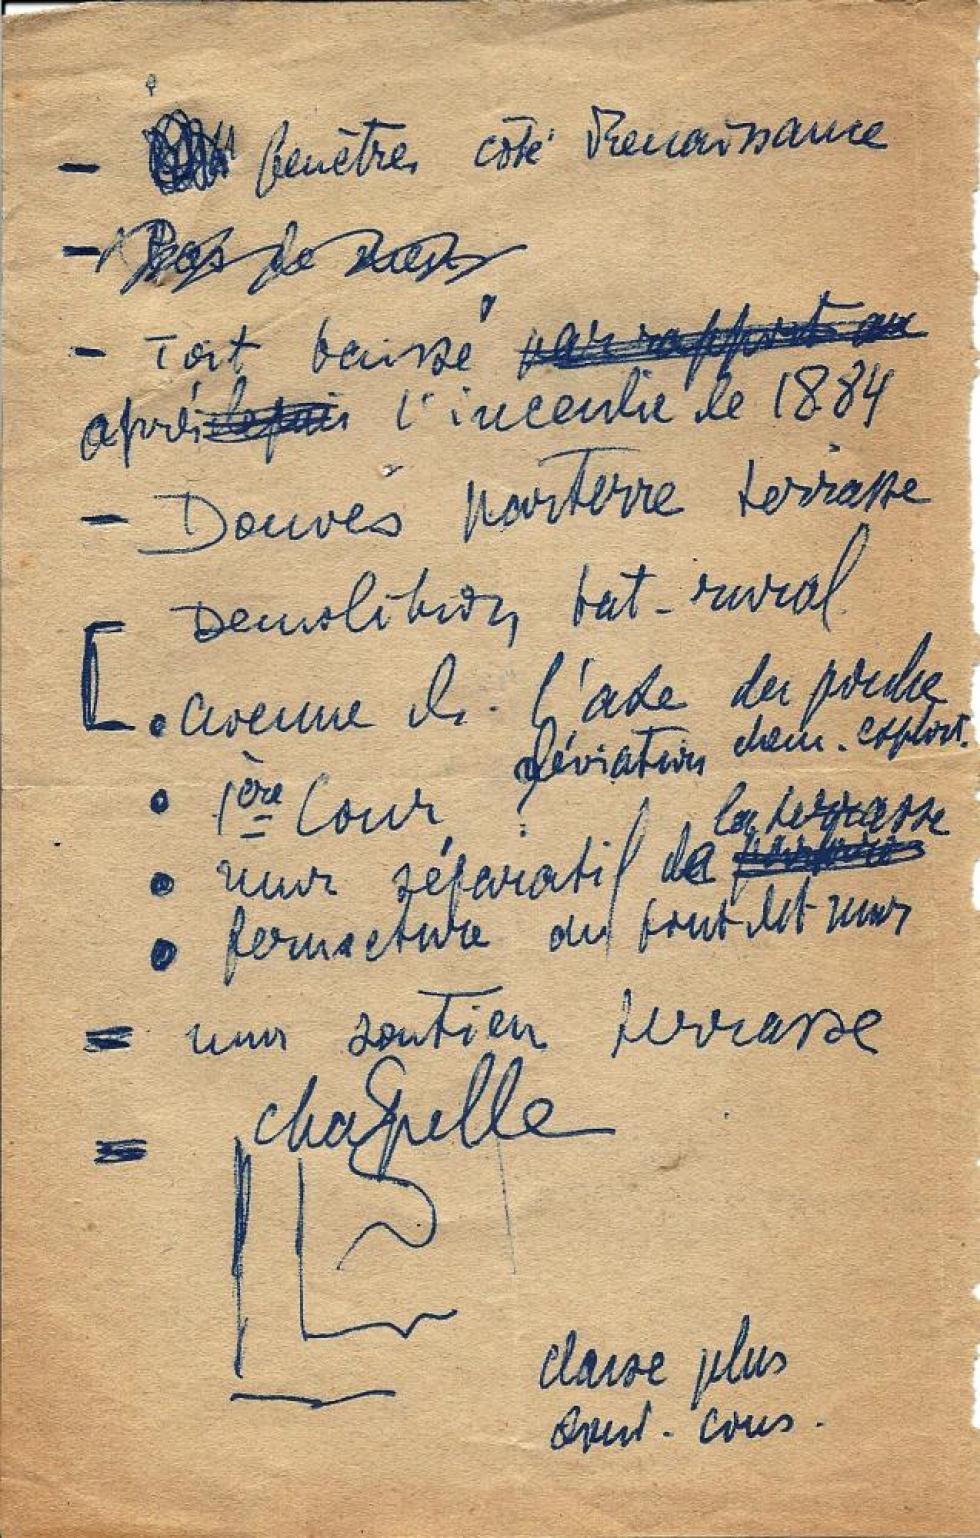 Brouillon d'Henti LEVEQUE, recto de la 2ème page.